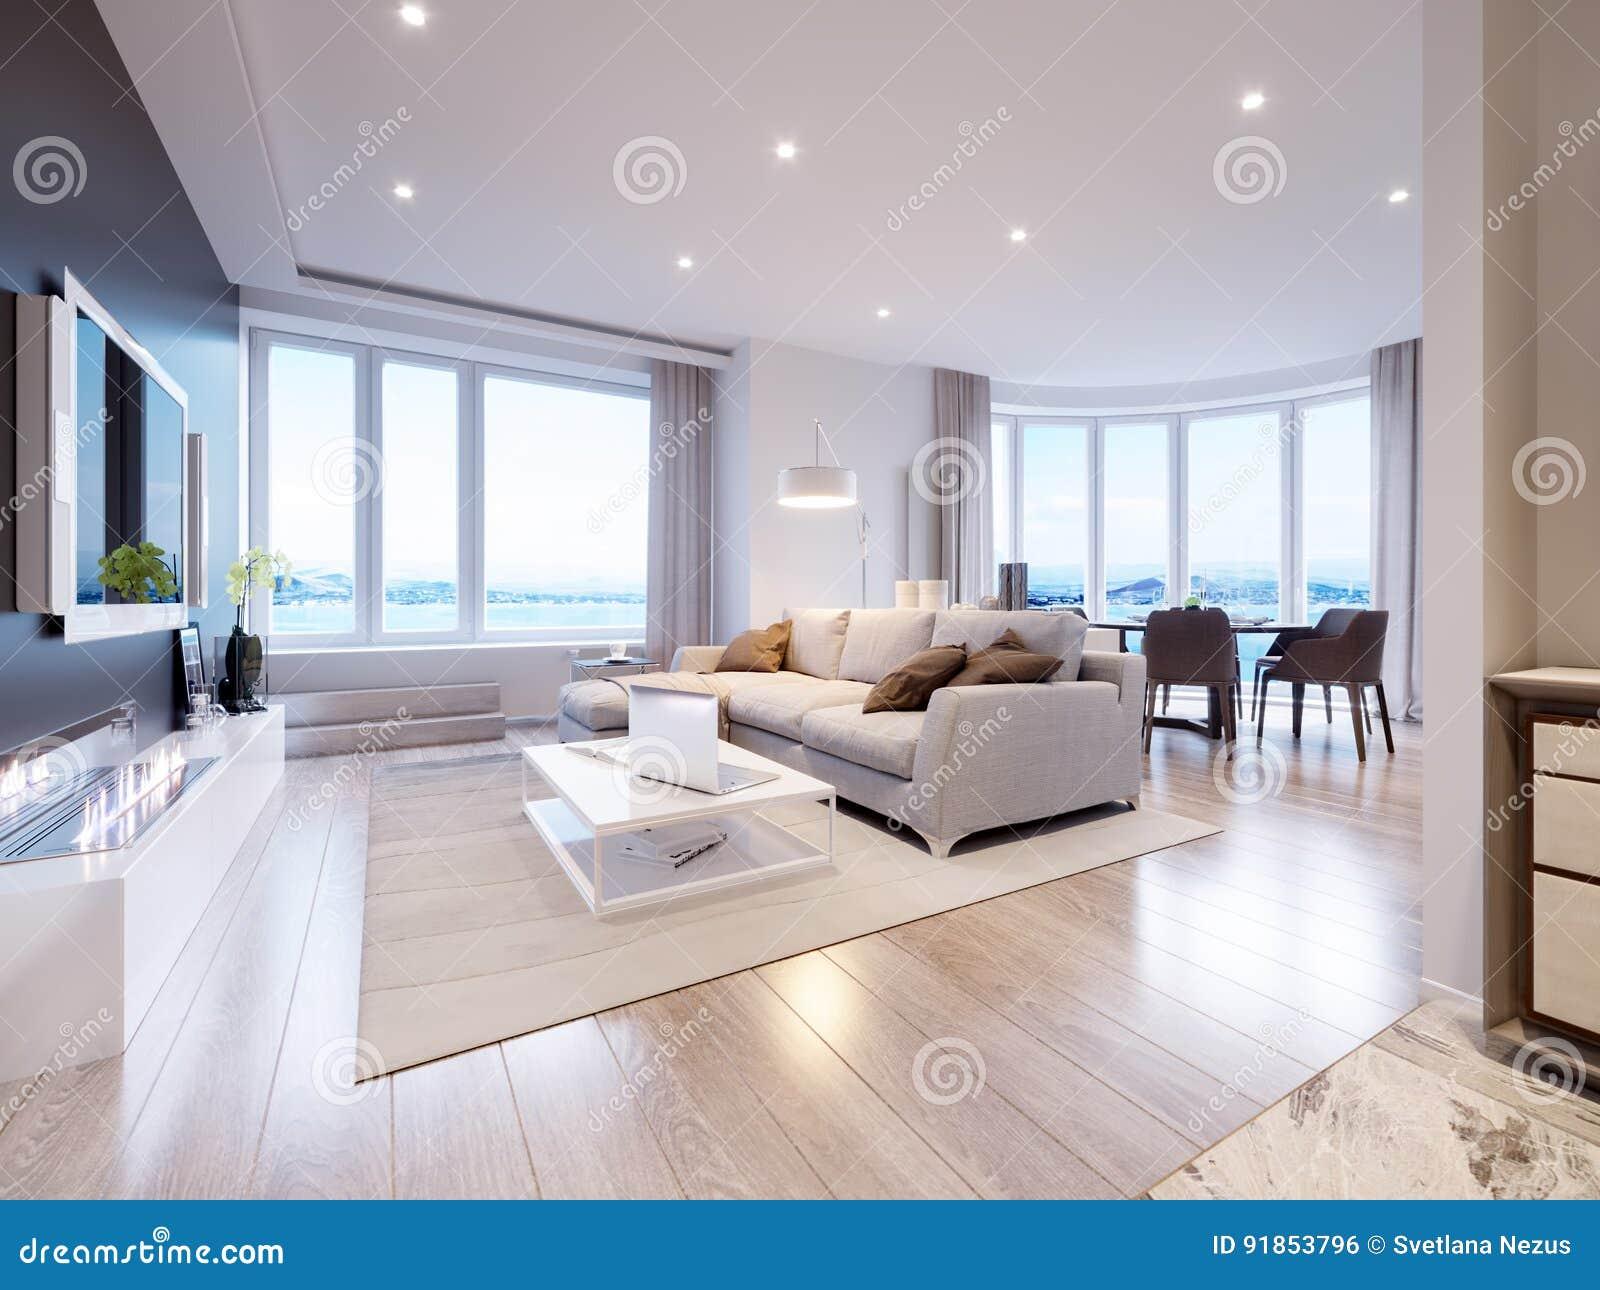 https://thumbs.dreamstime.com/z/modern-wit-grijs-woonkamer-binnenlands-ontwerp-91853796.jpg